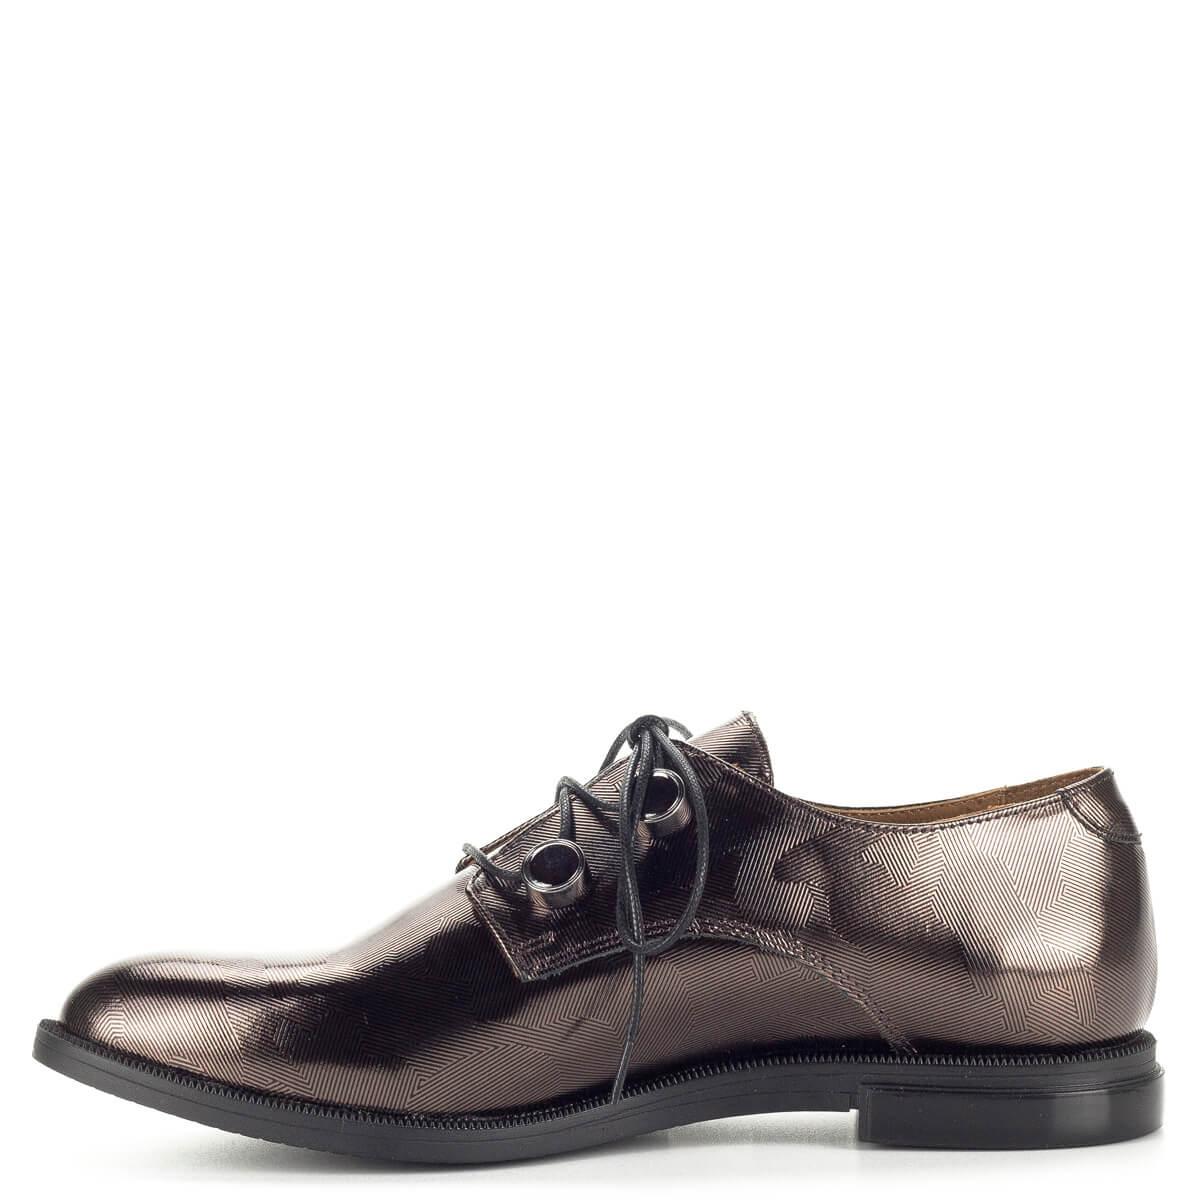 A zárt fűzős cipők  Pemla fűzős női cipő bronz színben lapos sarokkal. Anyaga  bőr. A zárt fűzős cipők 12384ae7ff